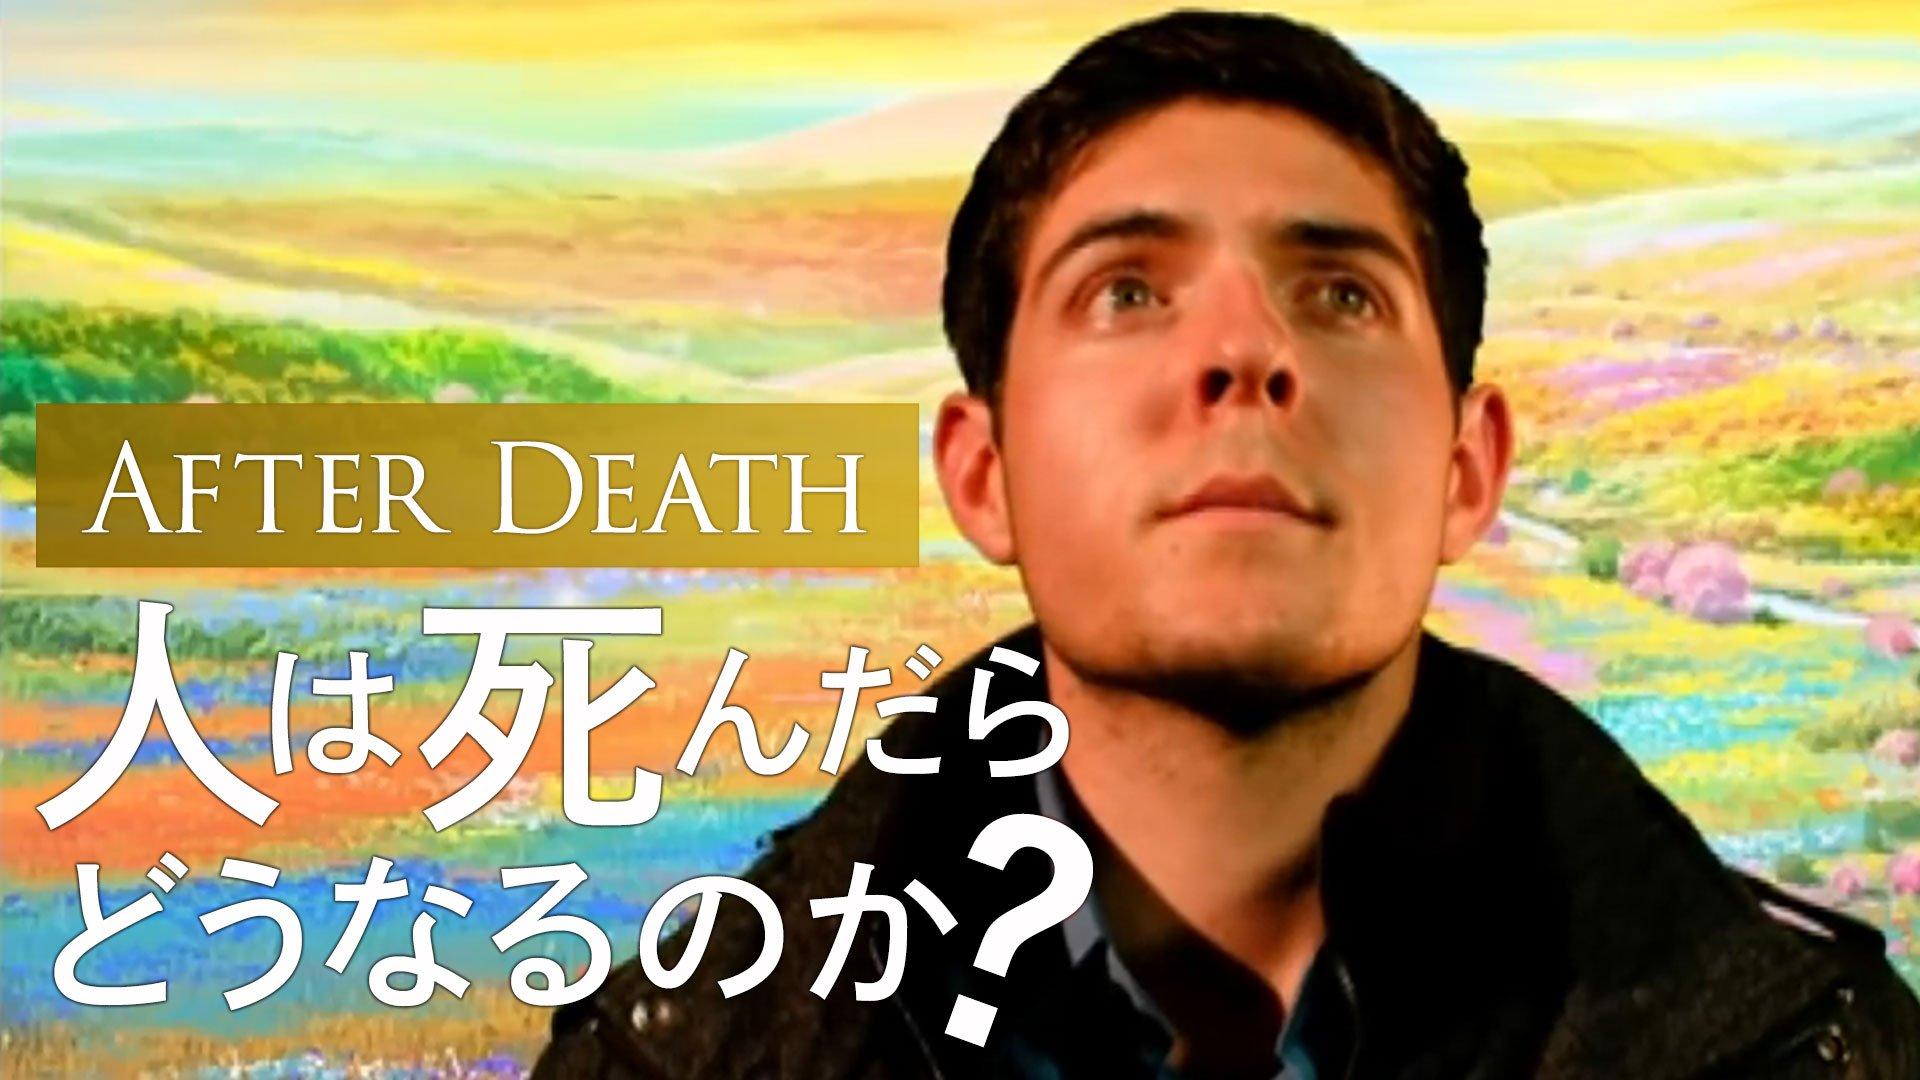 After Deathー人は死んだらどうなる?